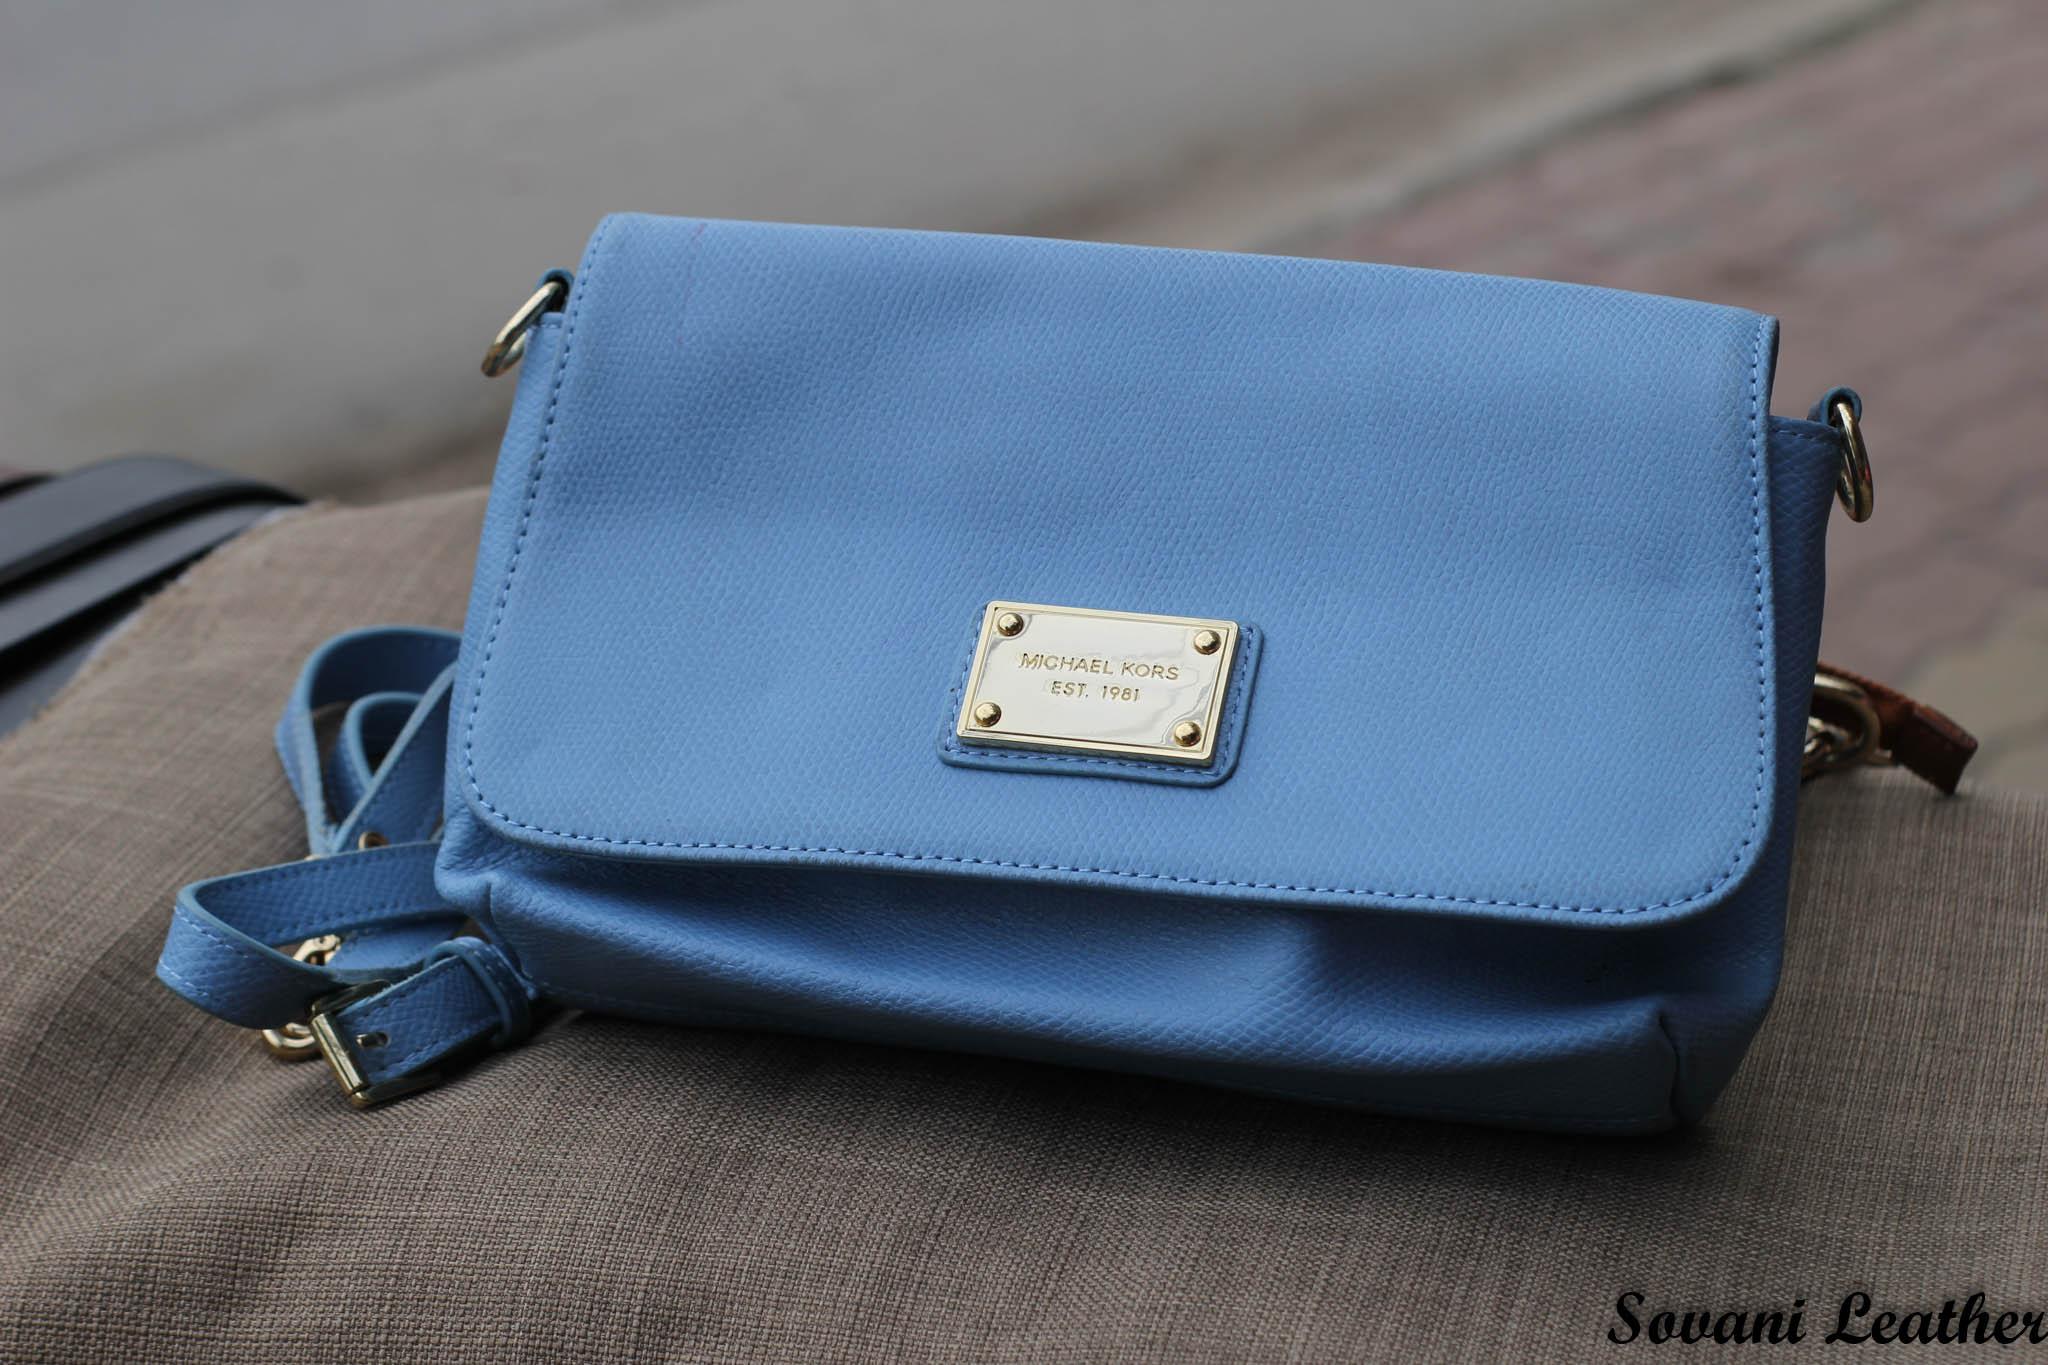 Túi xách nữ da bò màu xanh da trời nhạt 9